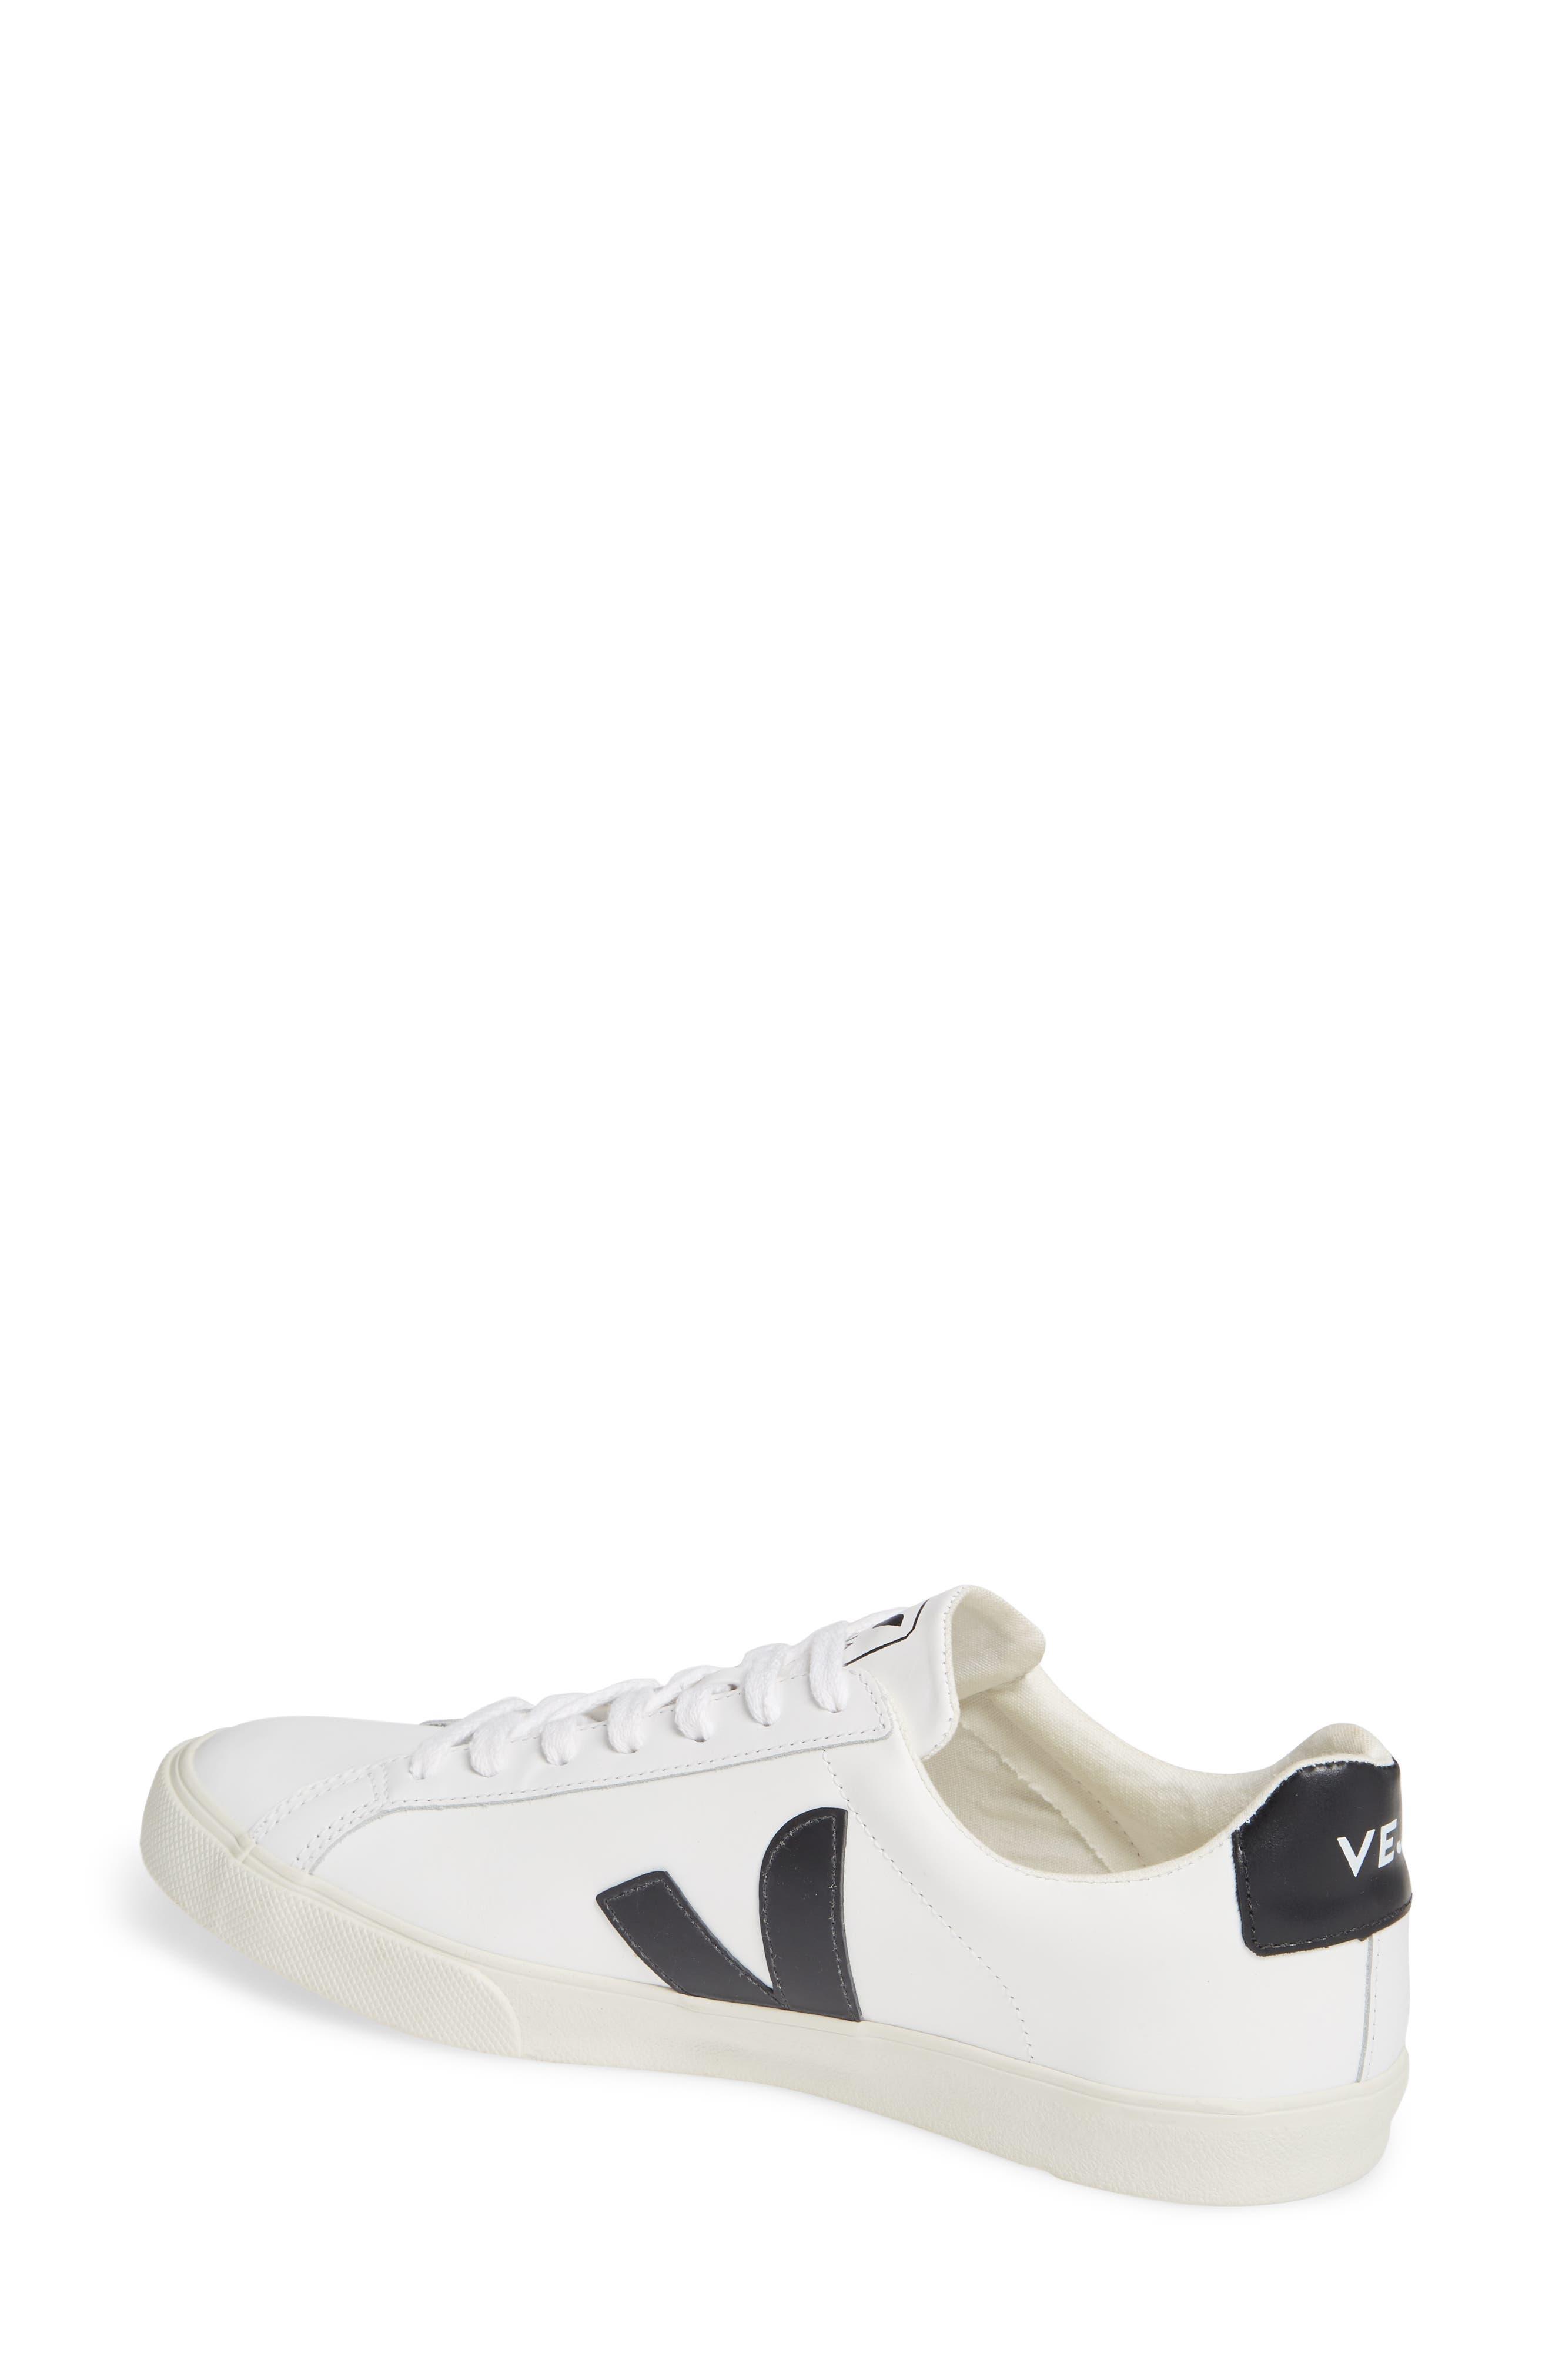 VEJA, Esplar Sneaker, Alternate thumbnail 2, color, EXTRA WHITE BLACK